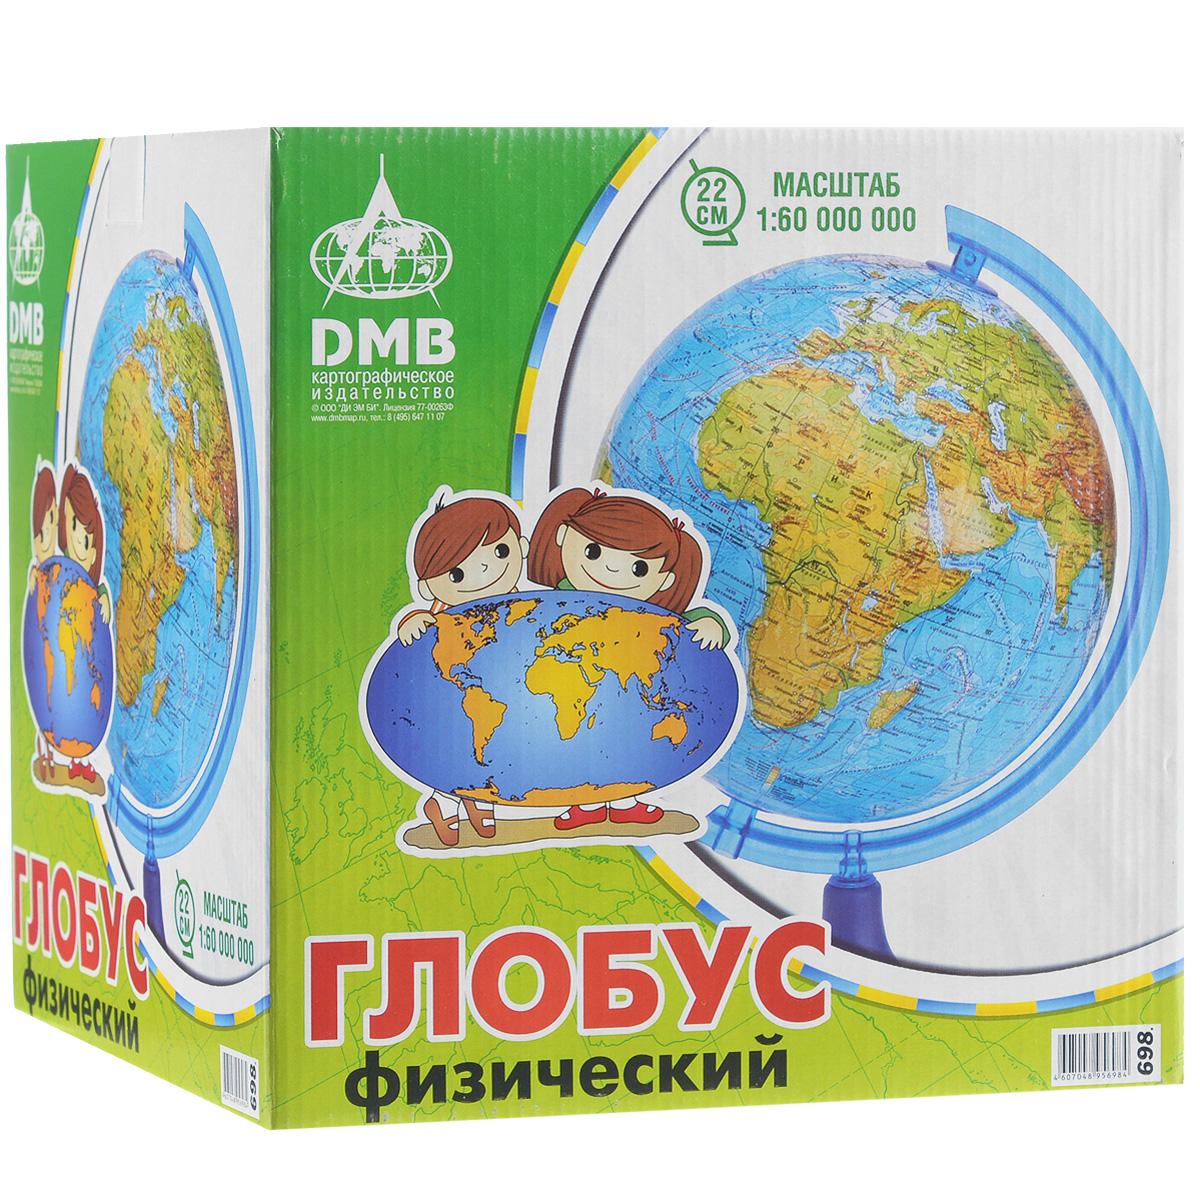 """Глобус """"DMB"""", c физической картой мира, диаметр 22 см + Мини-энциклопедия """"Физическая география Земли"""""""